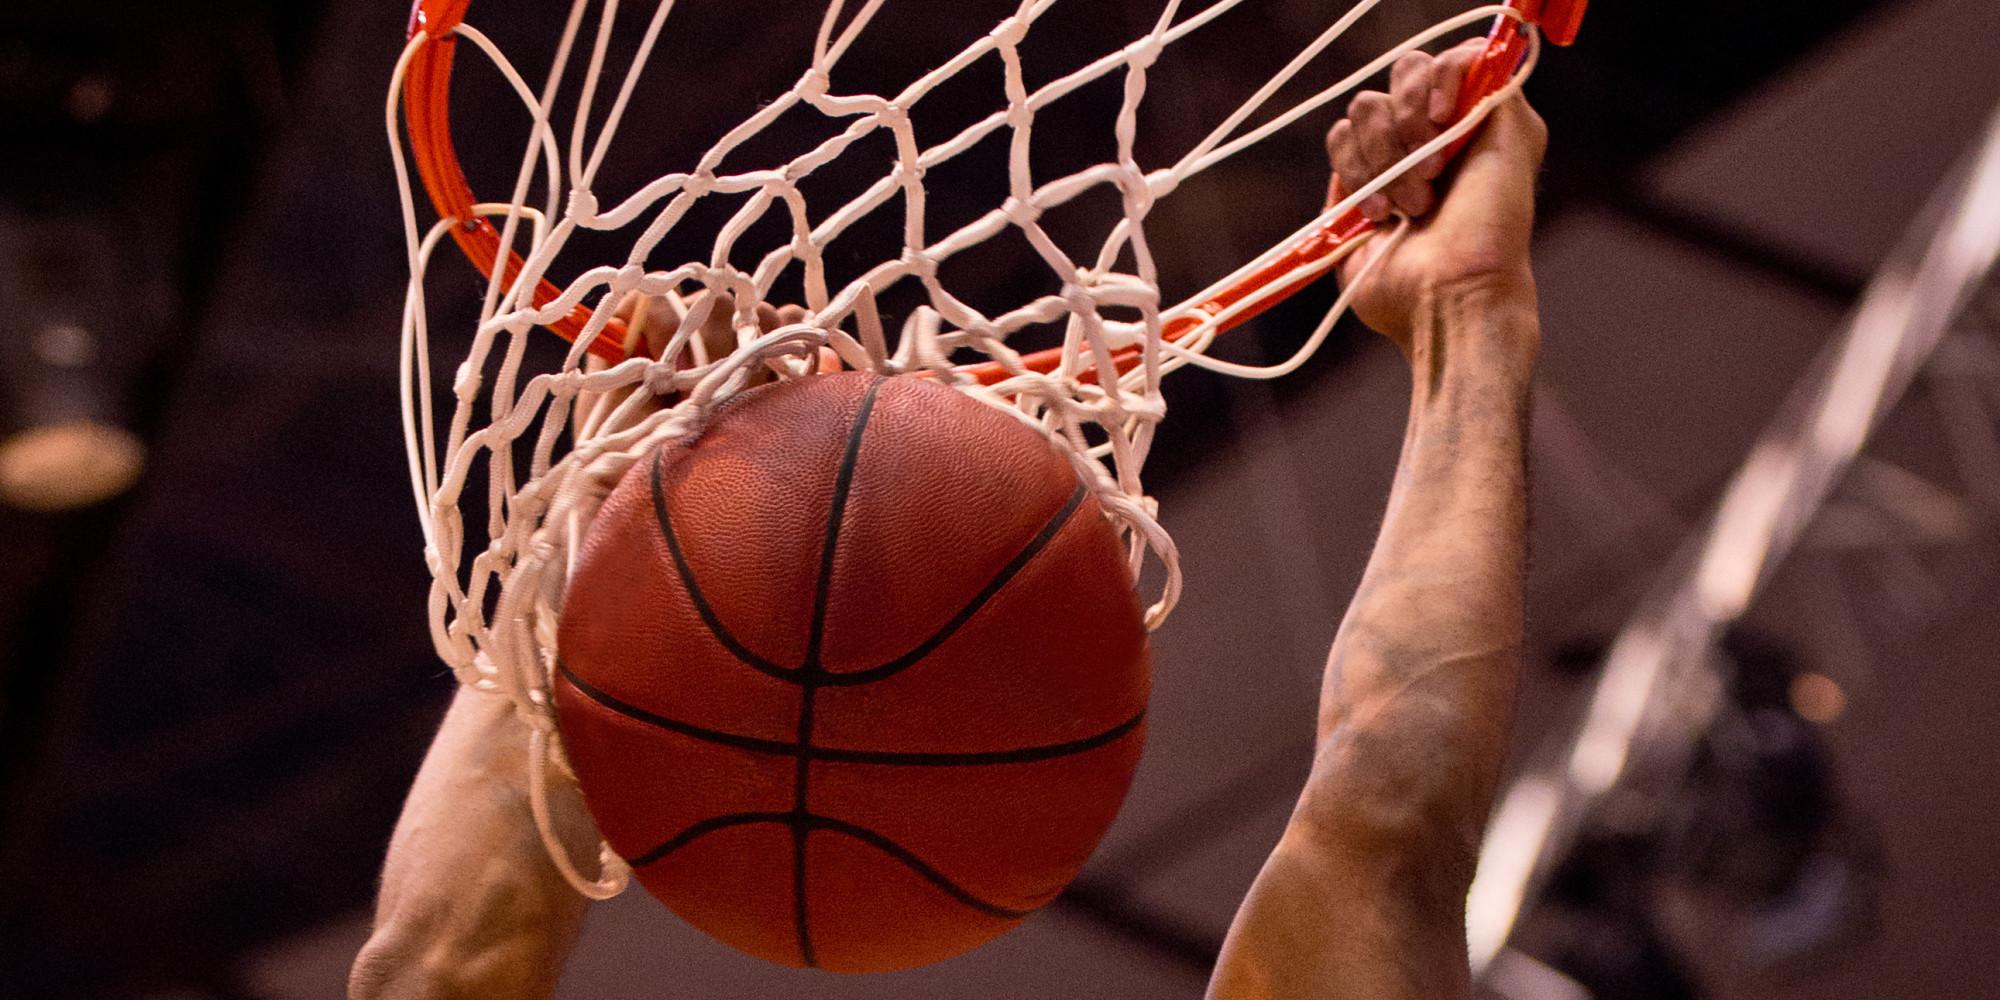 O-basketball-facebook